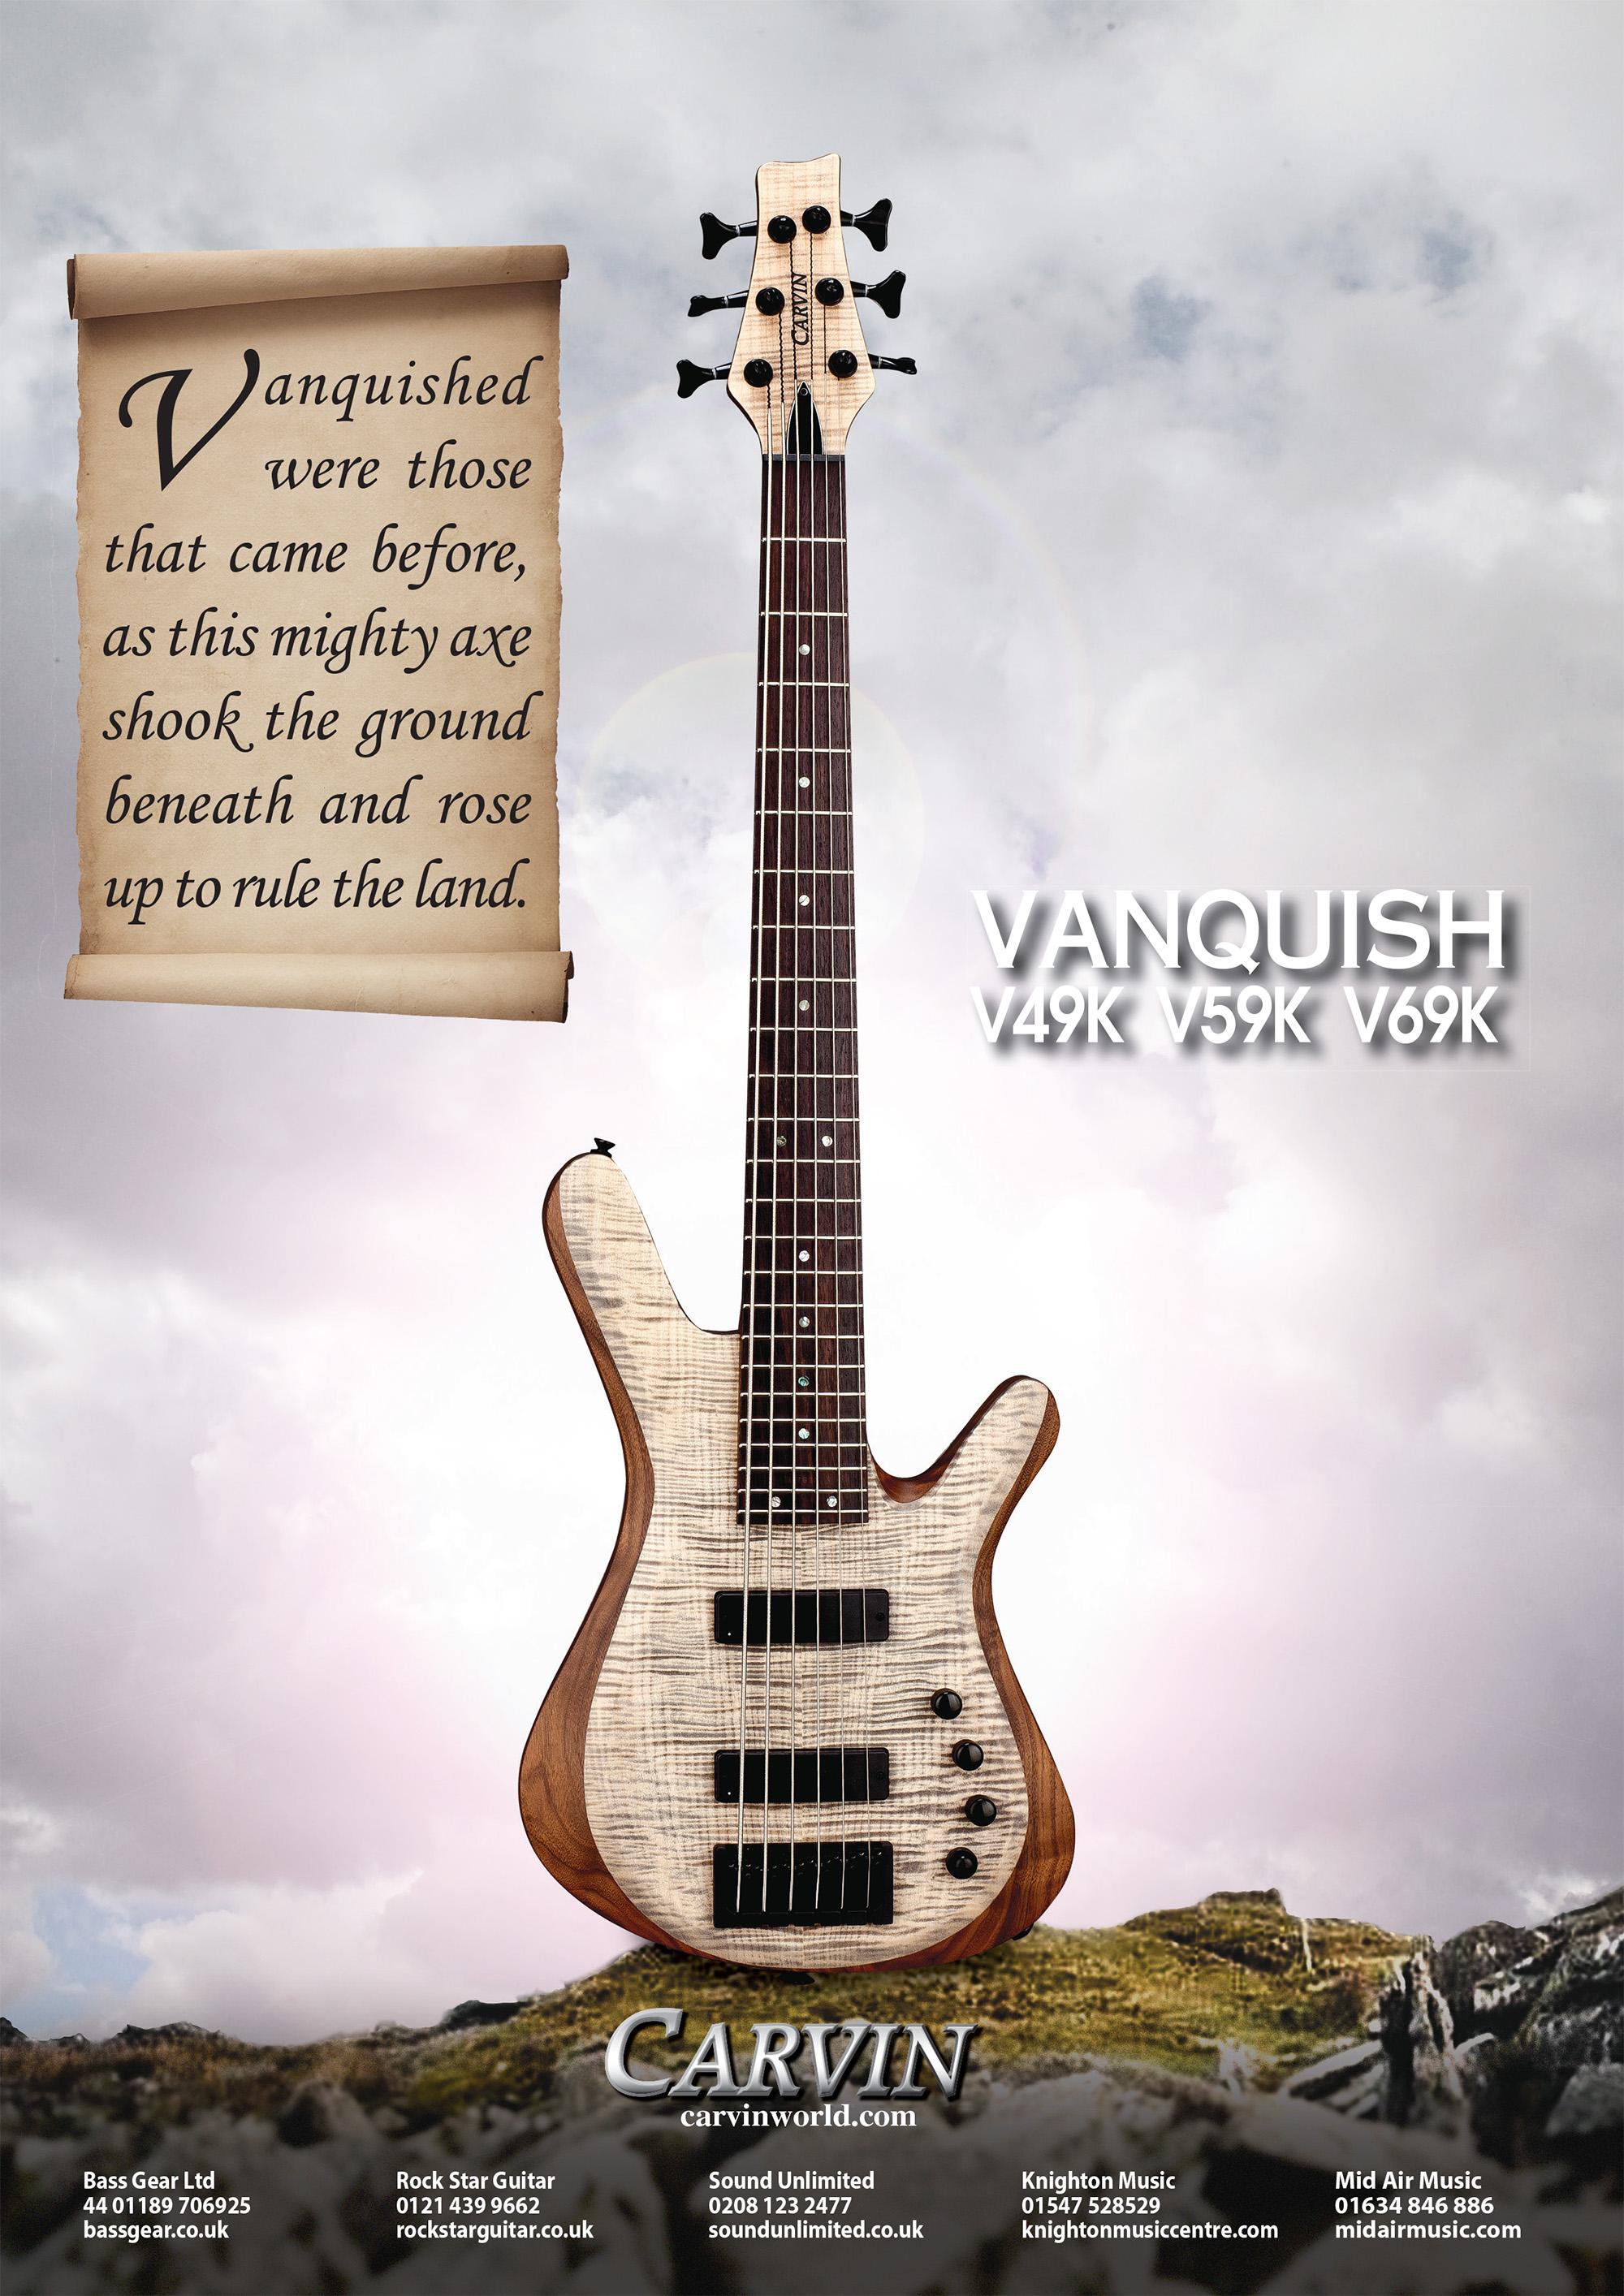 Carvin-Vanquish